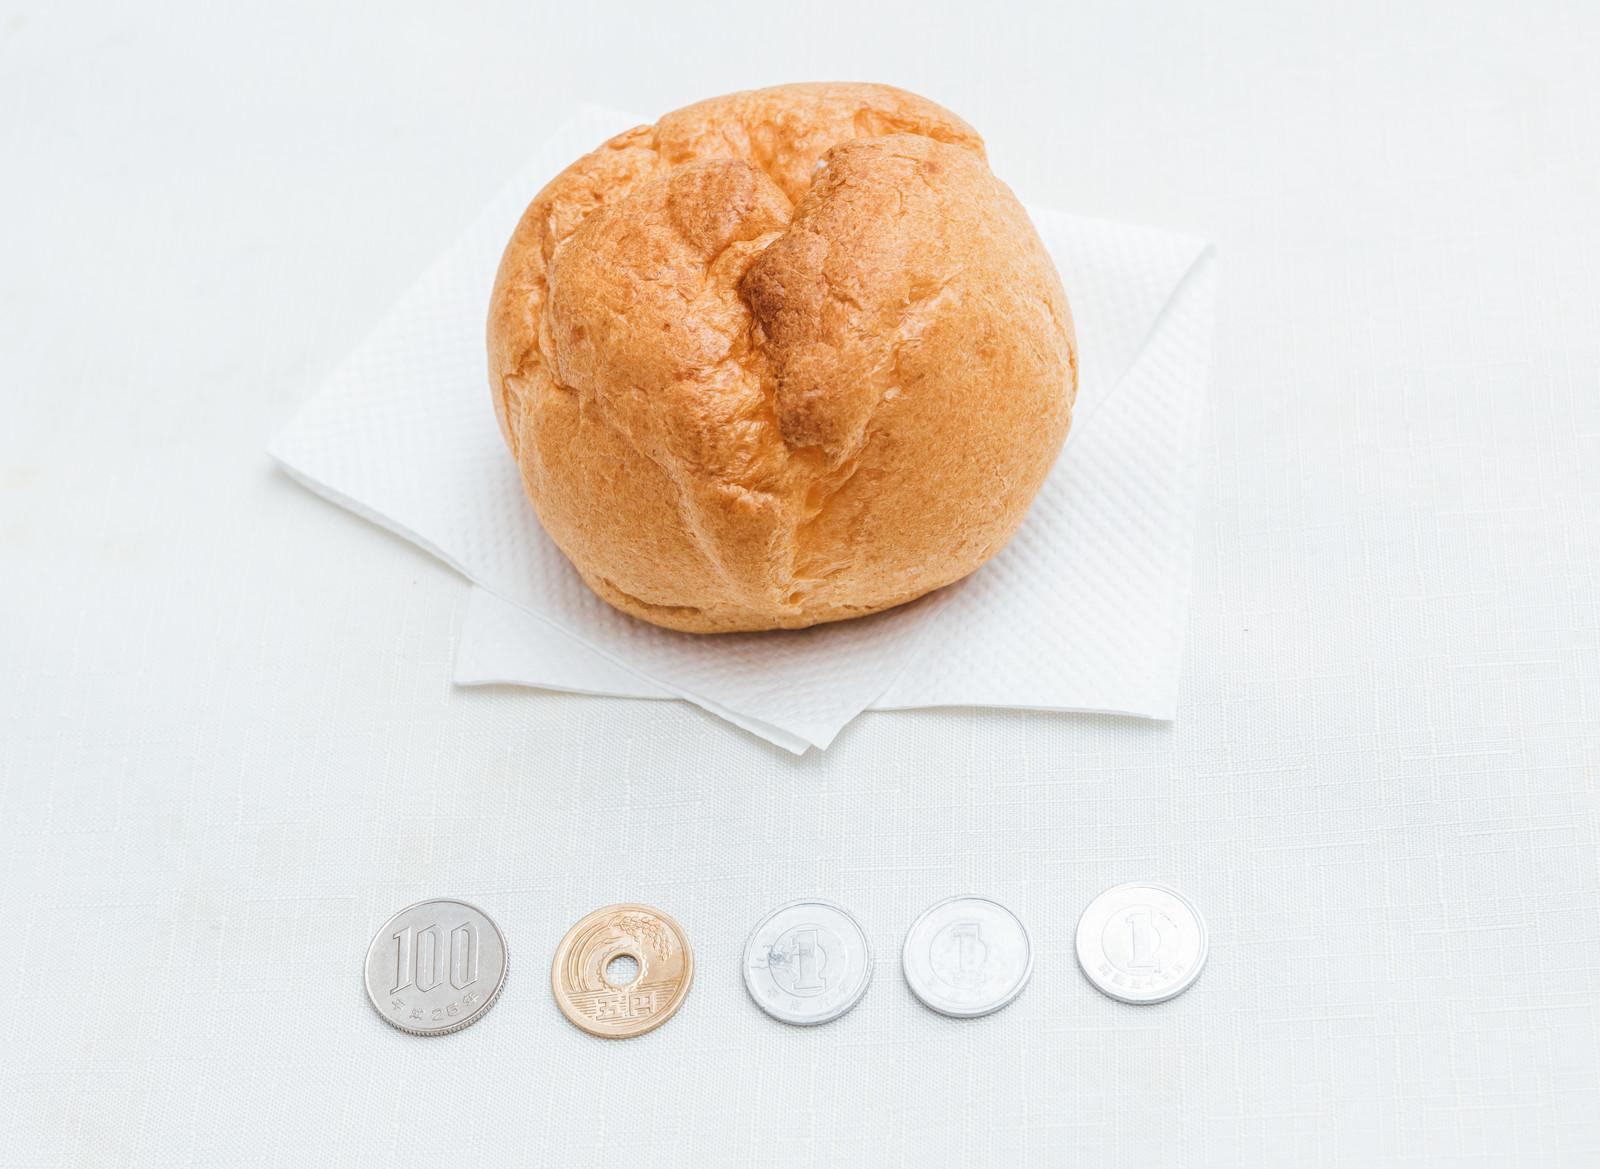 「テイクアウトしたシュークリーム(108円)」の写真